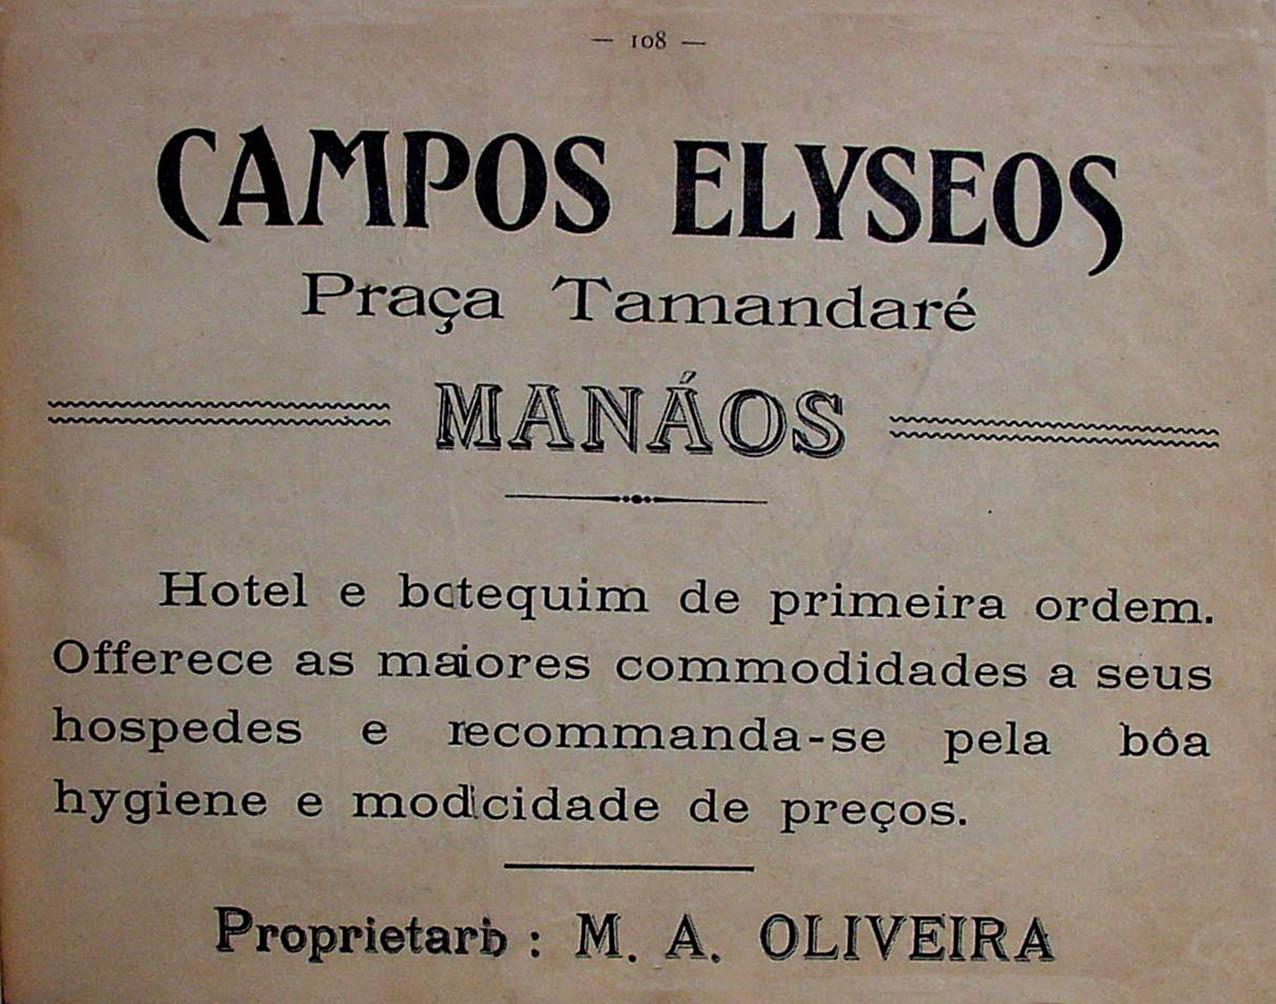 Propaganda do Hotel e Botequim Campos Elyseos